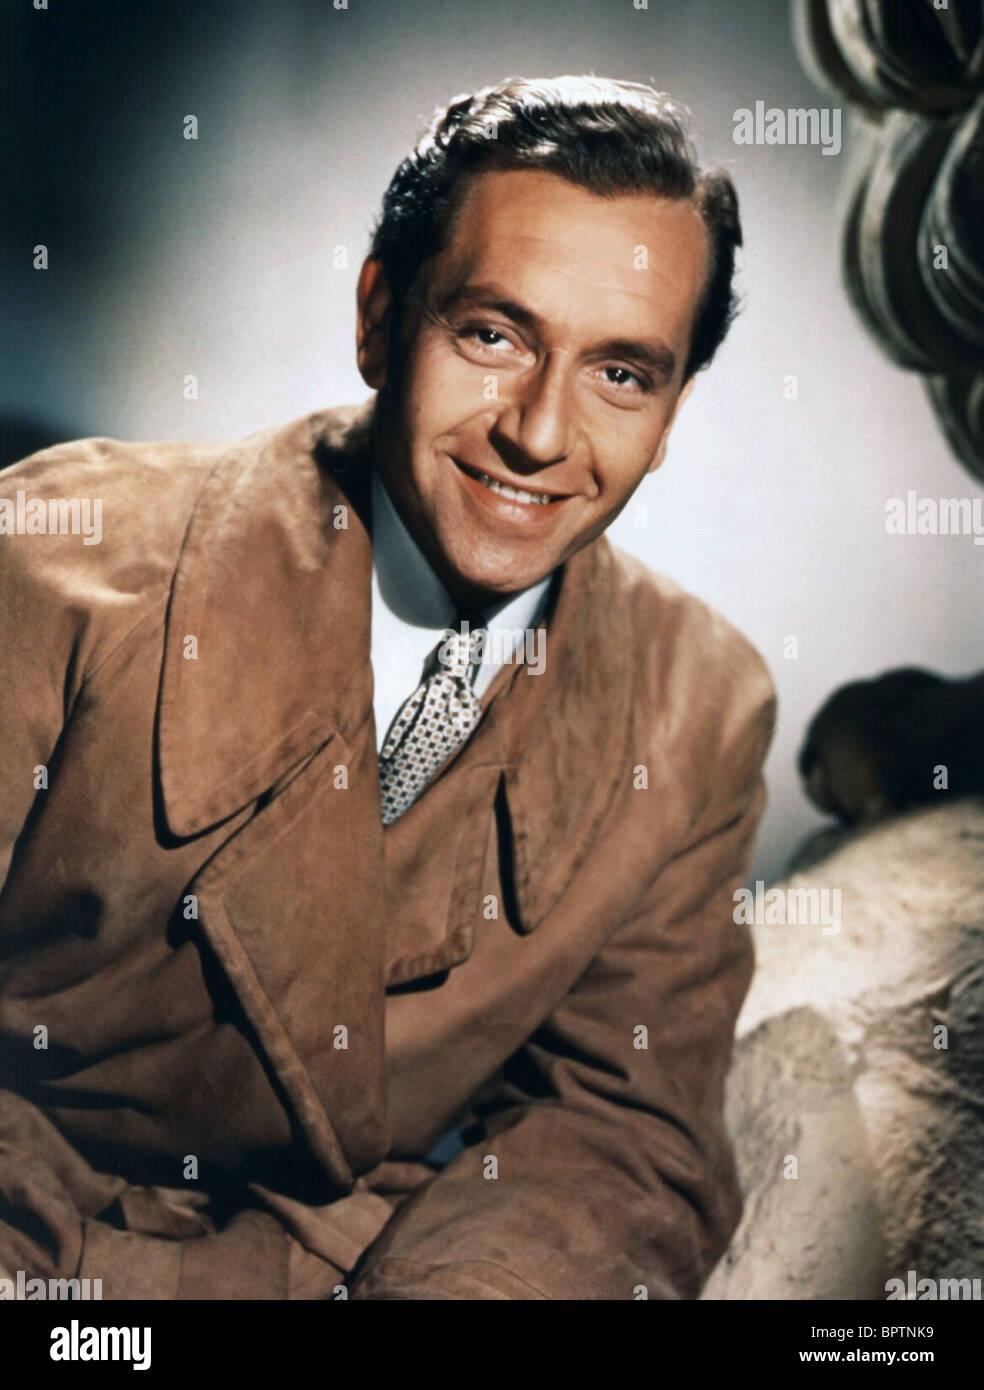 PAUL HENREID ACTOR & DIRECTOR (1958) - Stock Image